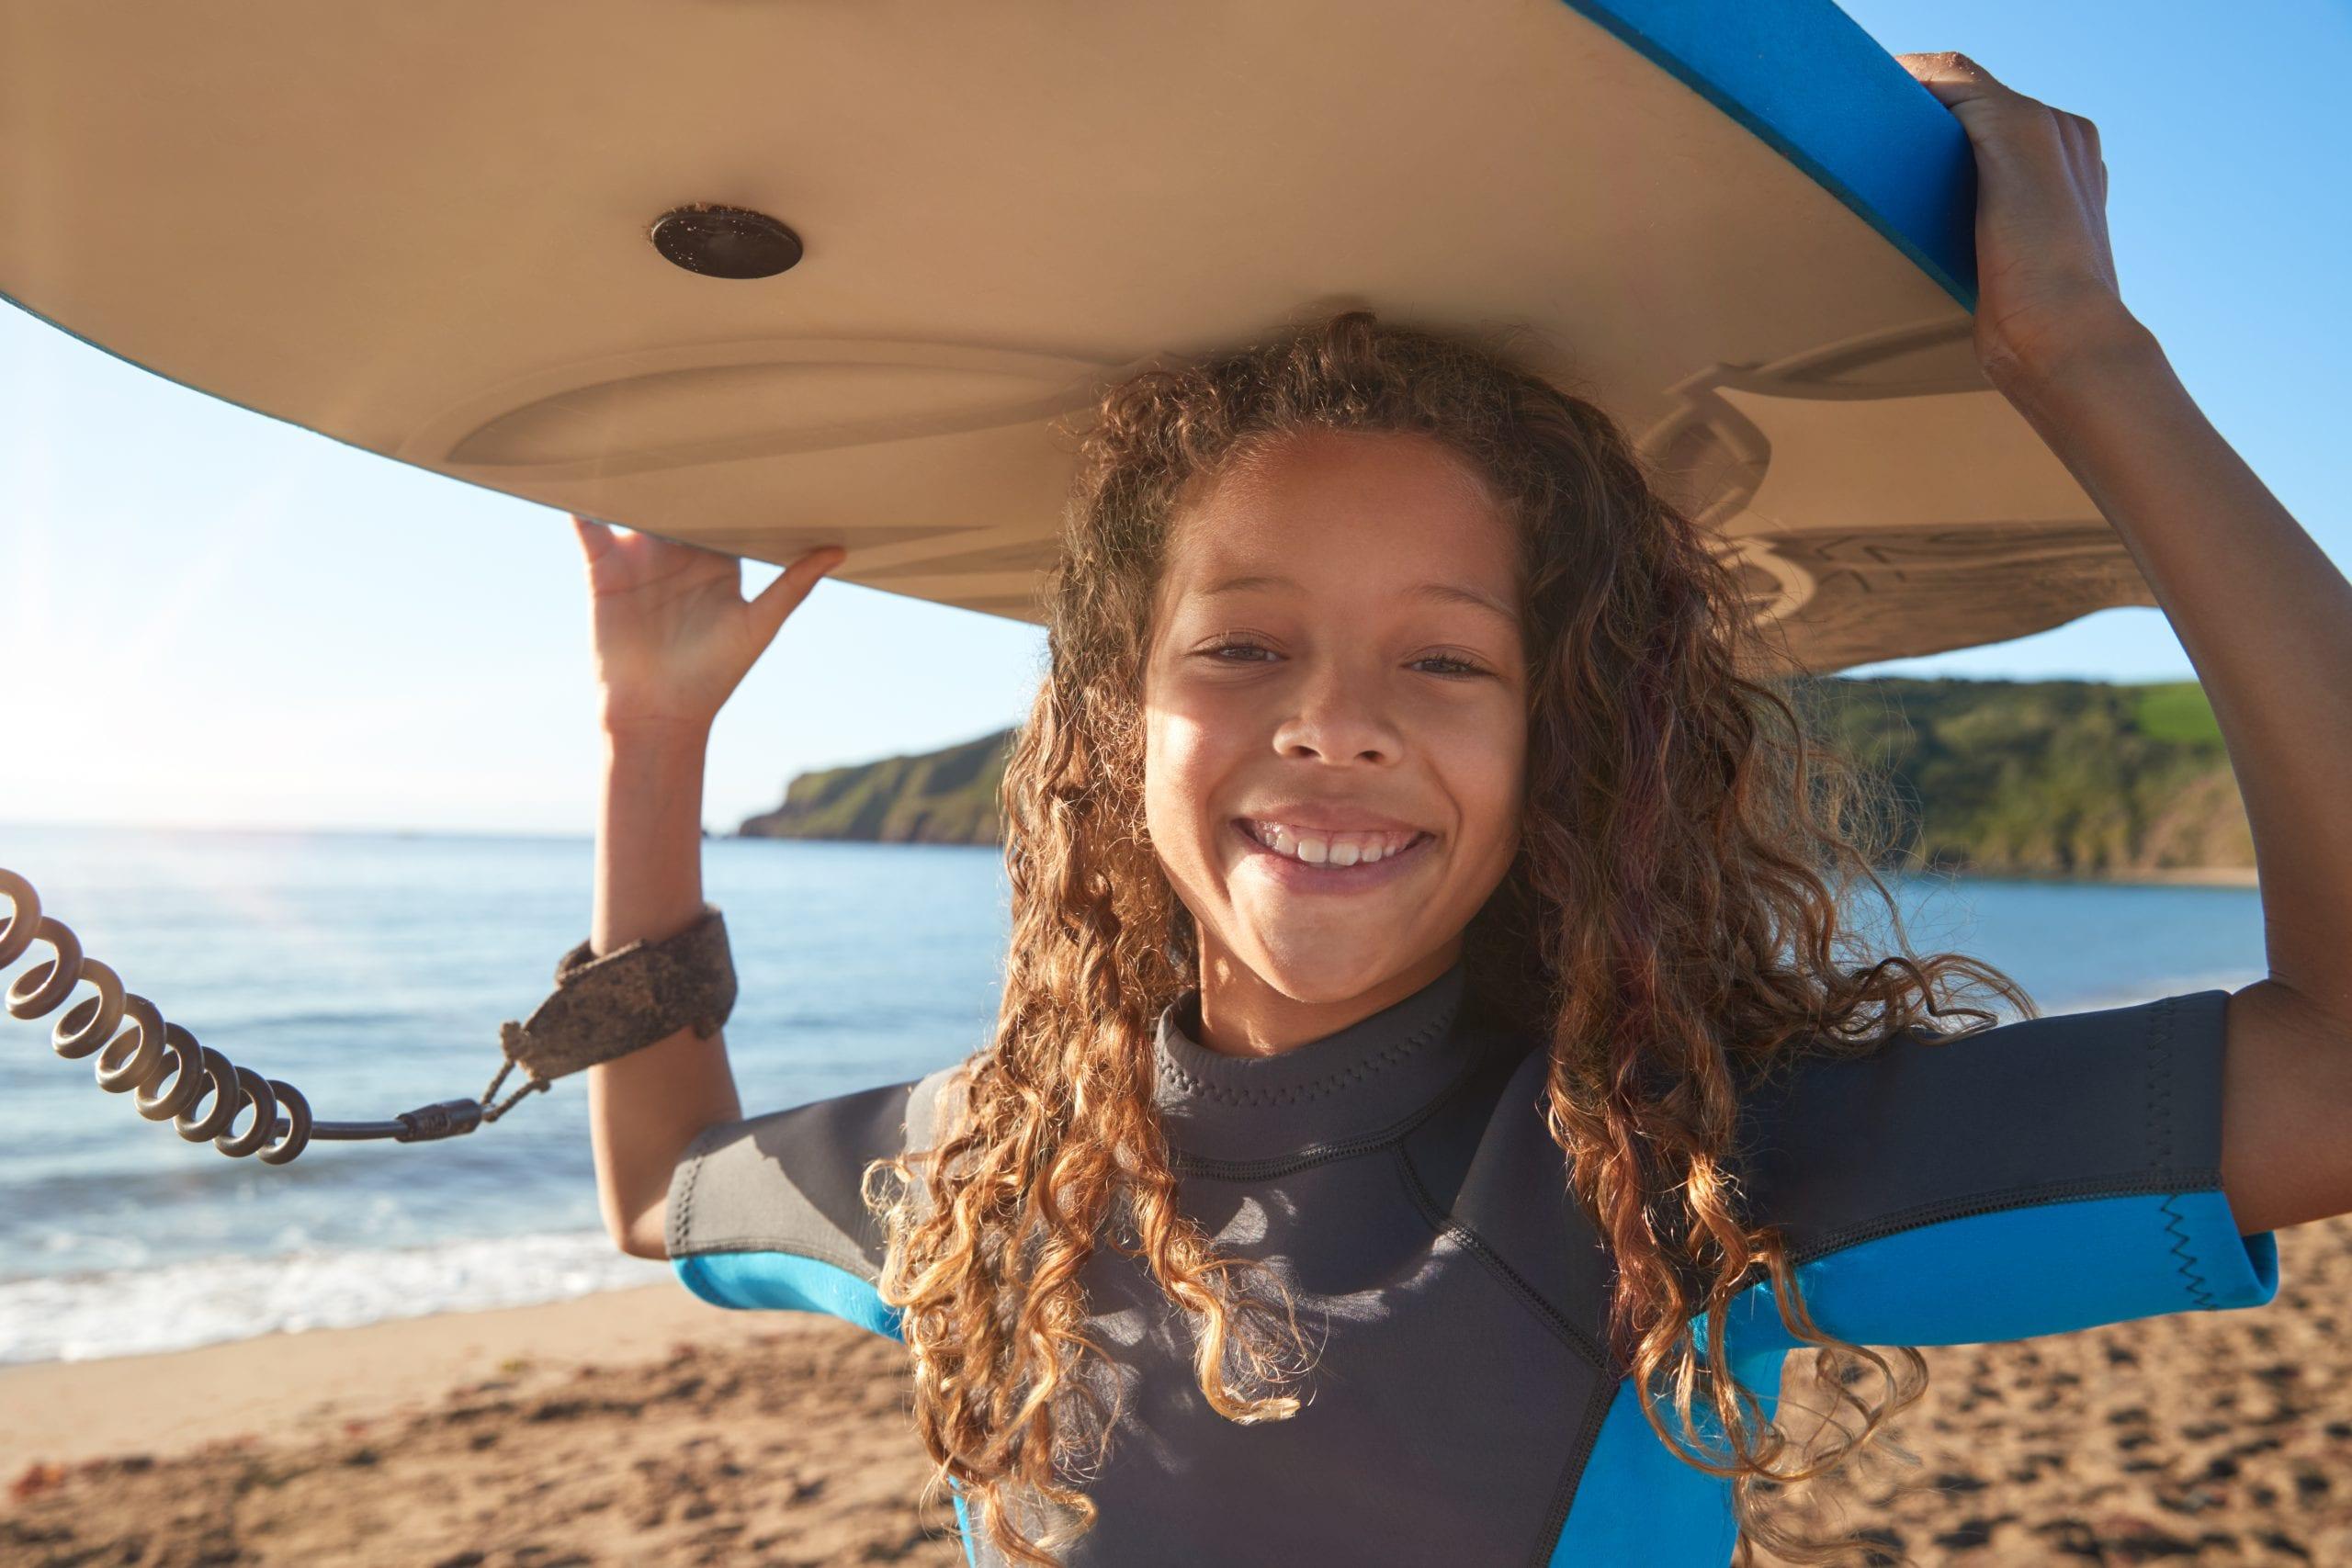 child surfing on beach